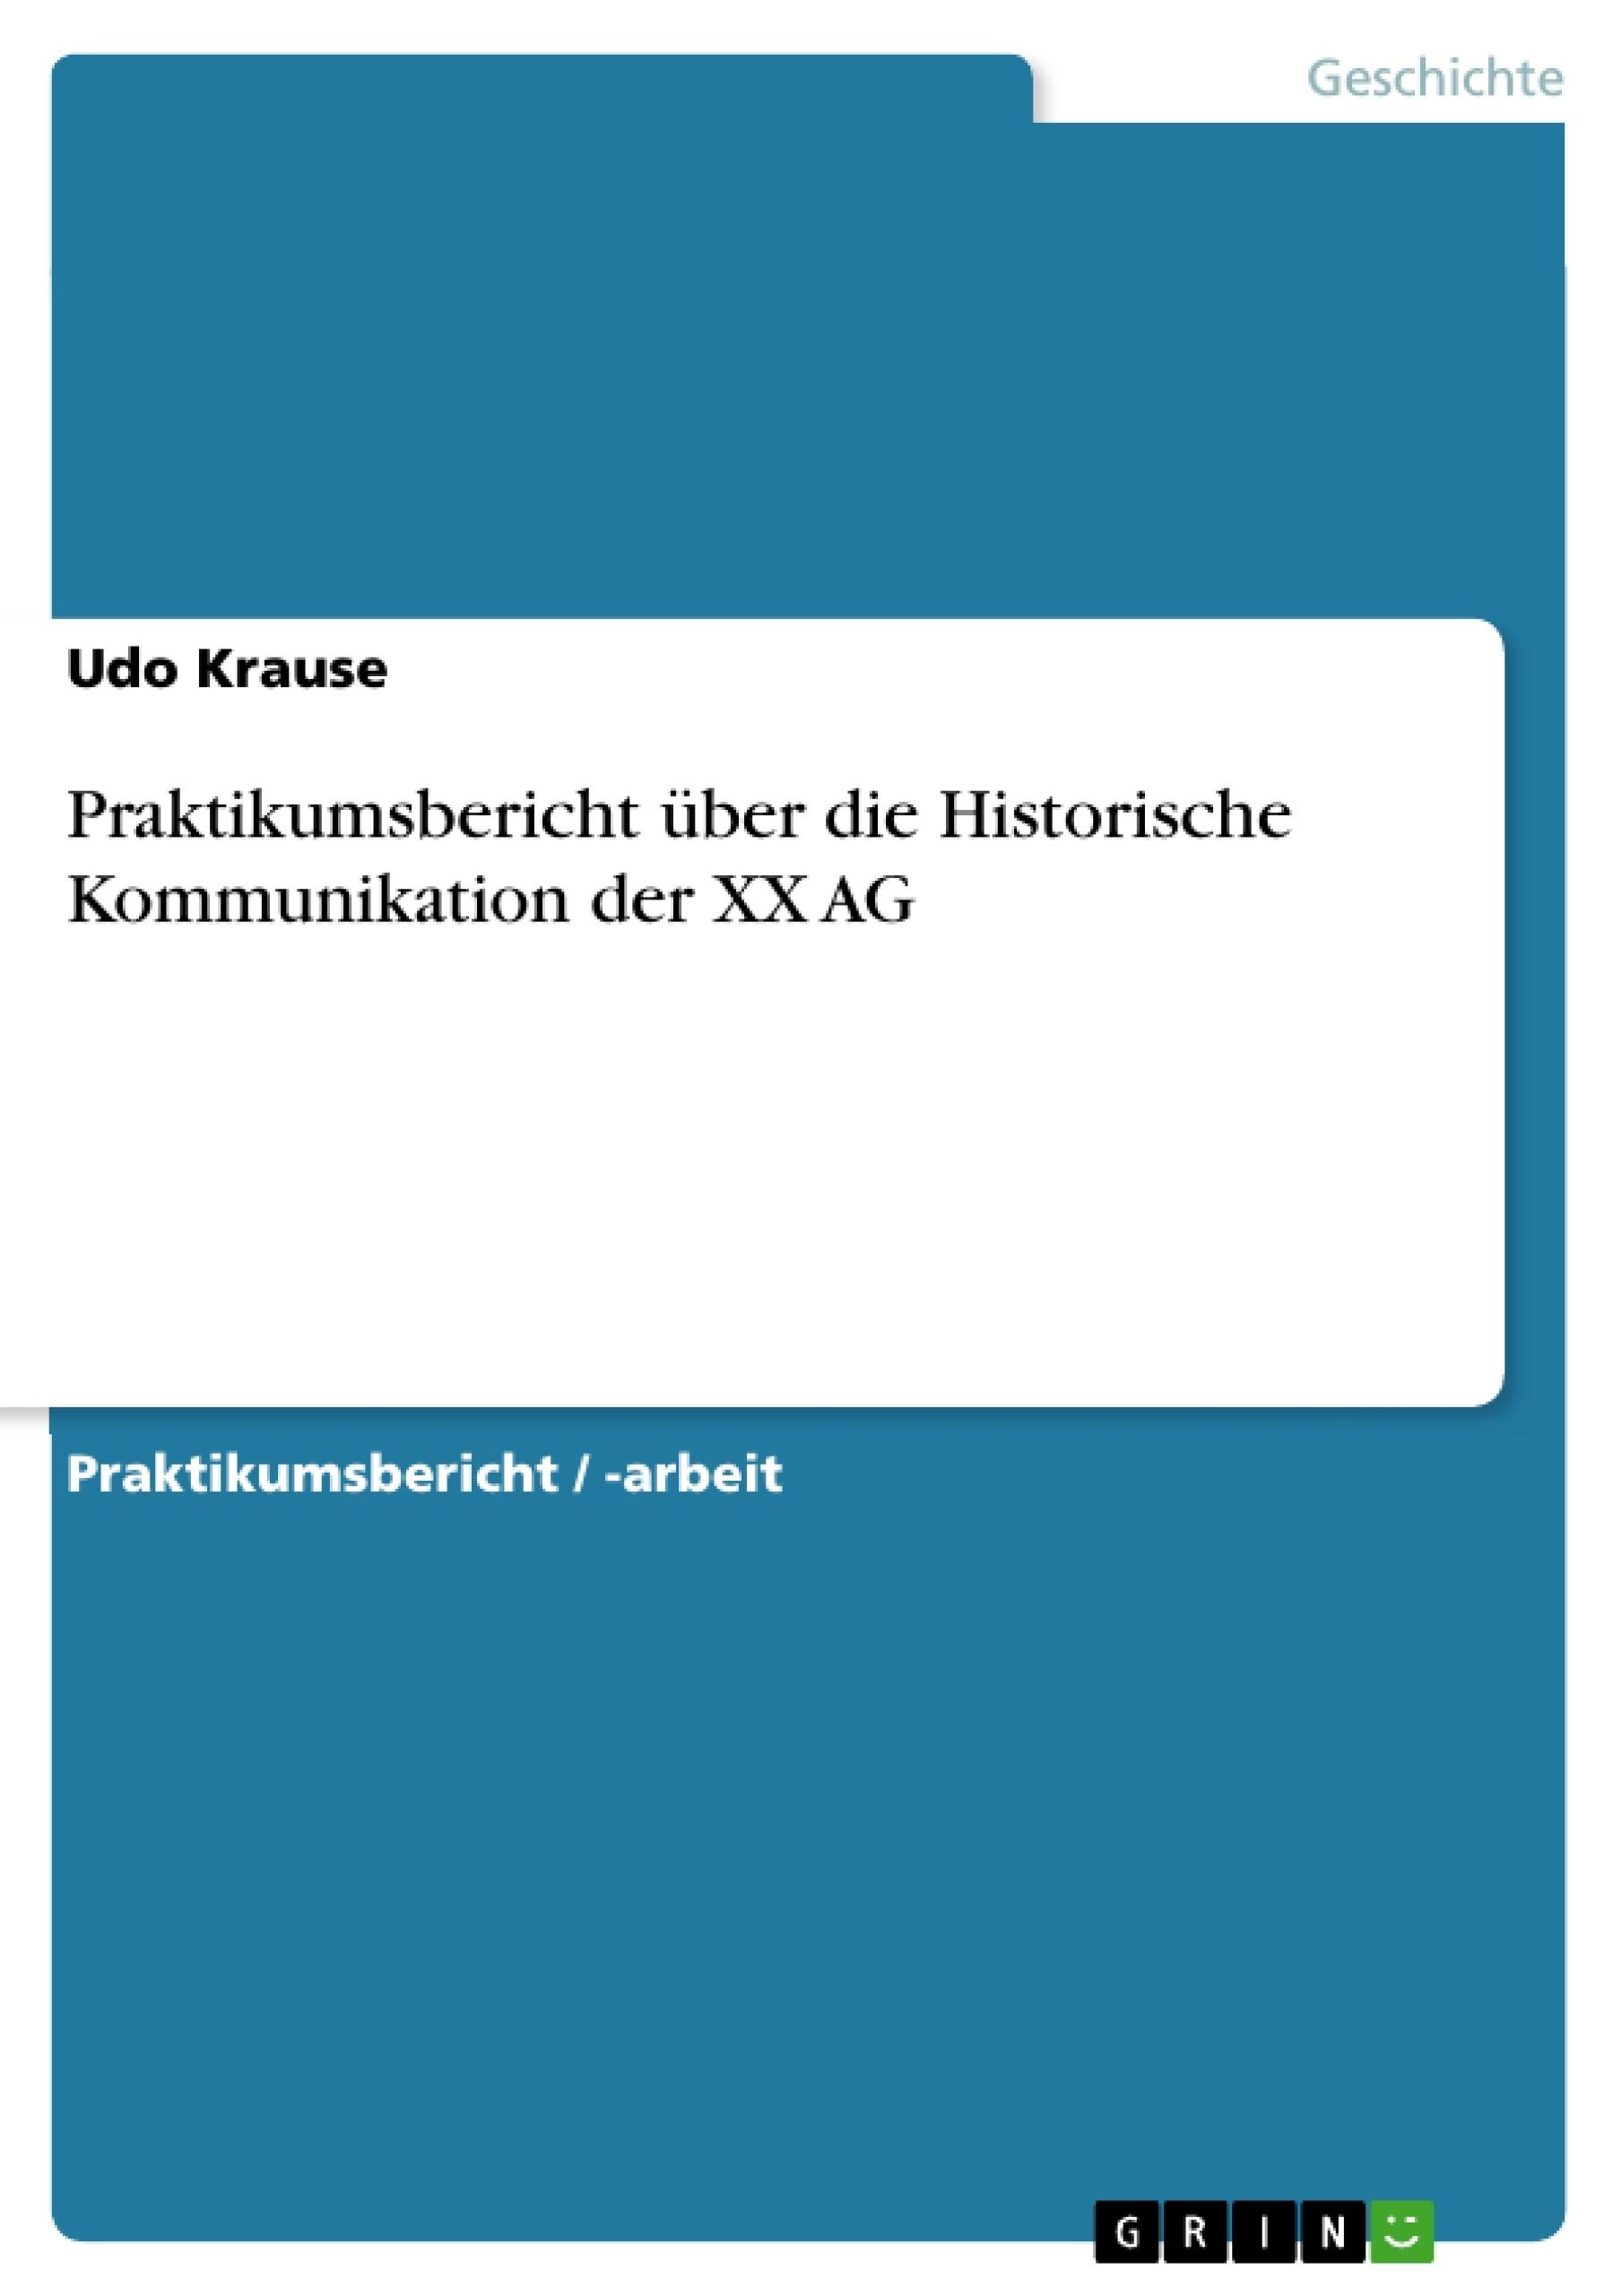 Titel: Praktikumsbericht über die Historische Kommunikation der XX AG